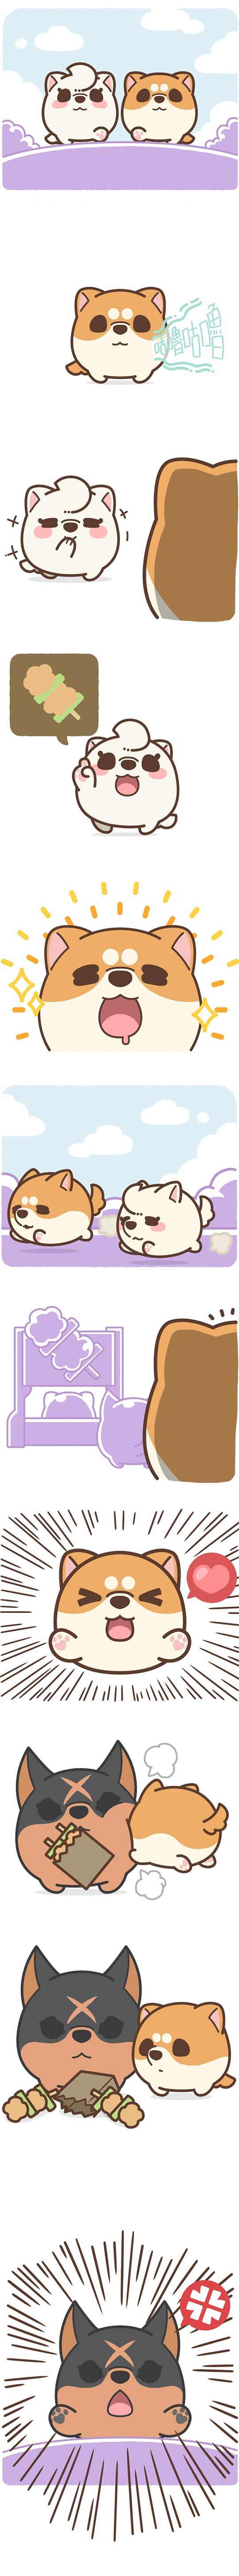 Chú cún Awa #21: Kẻ bắt nạt